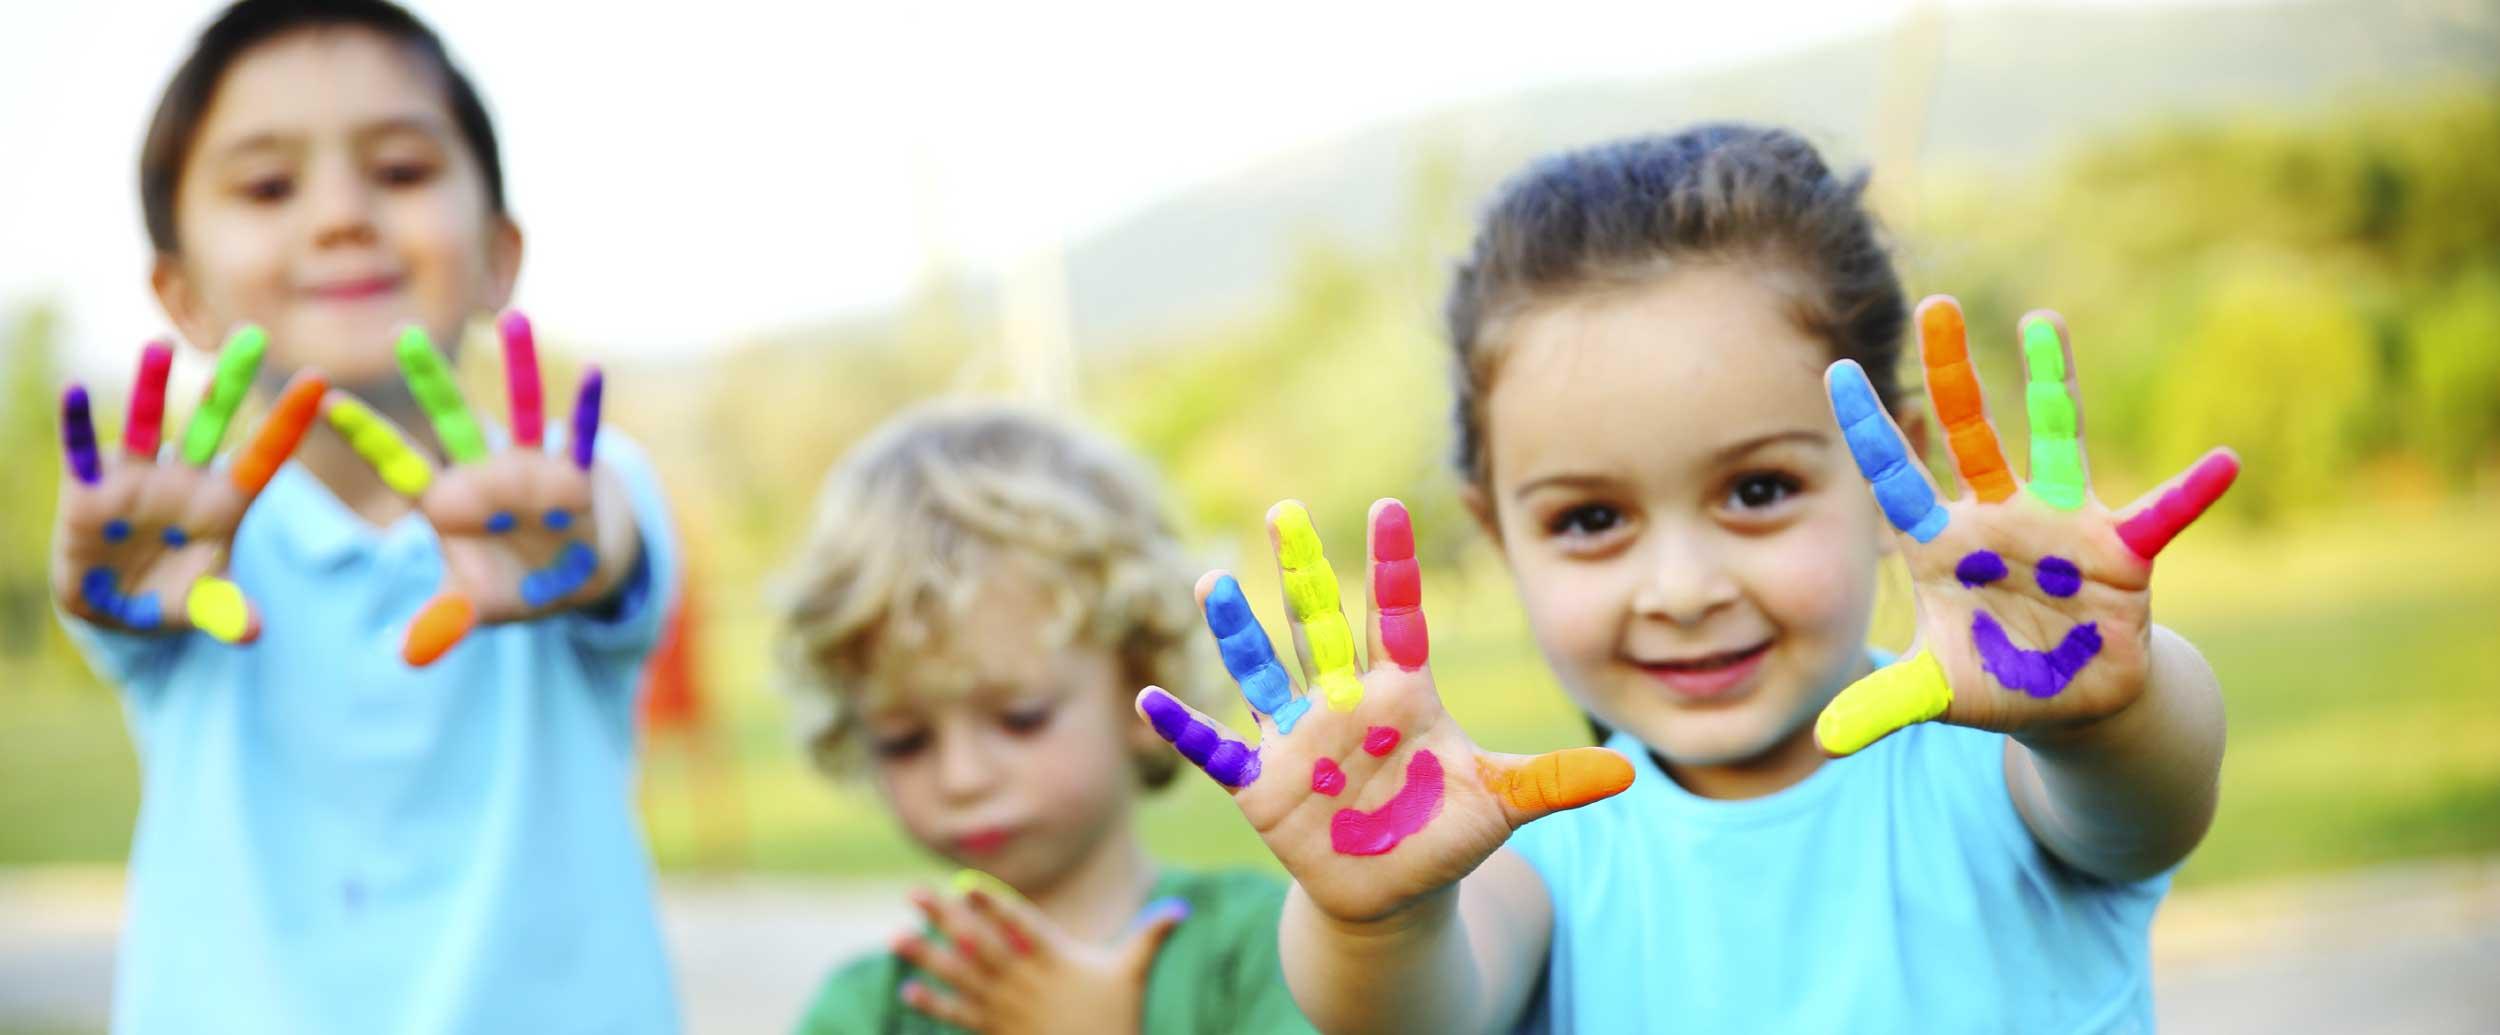 Giochi per bambini: come stimolare la fantasia